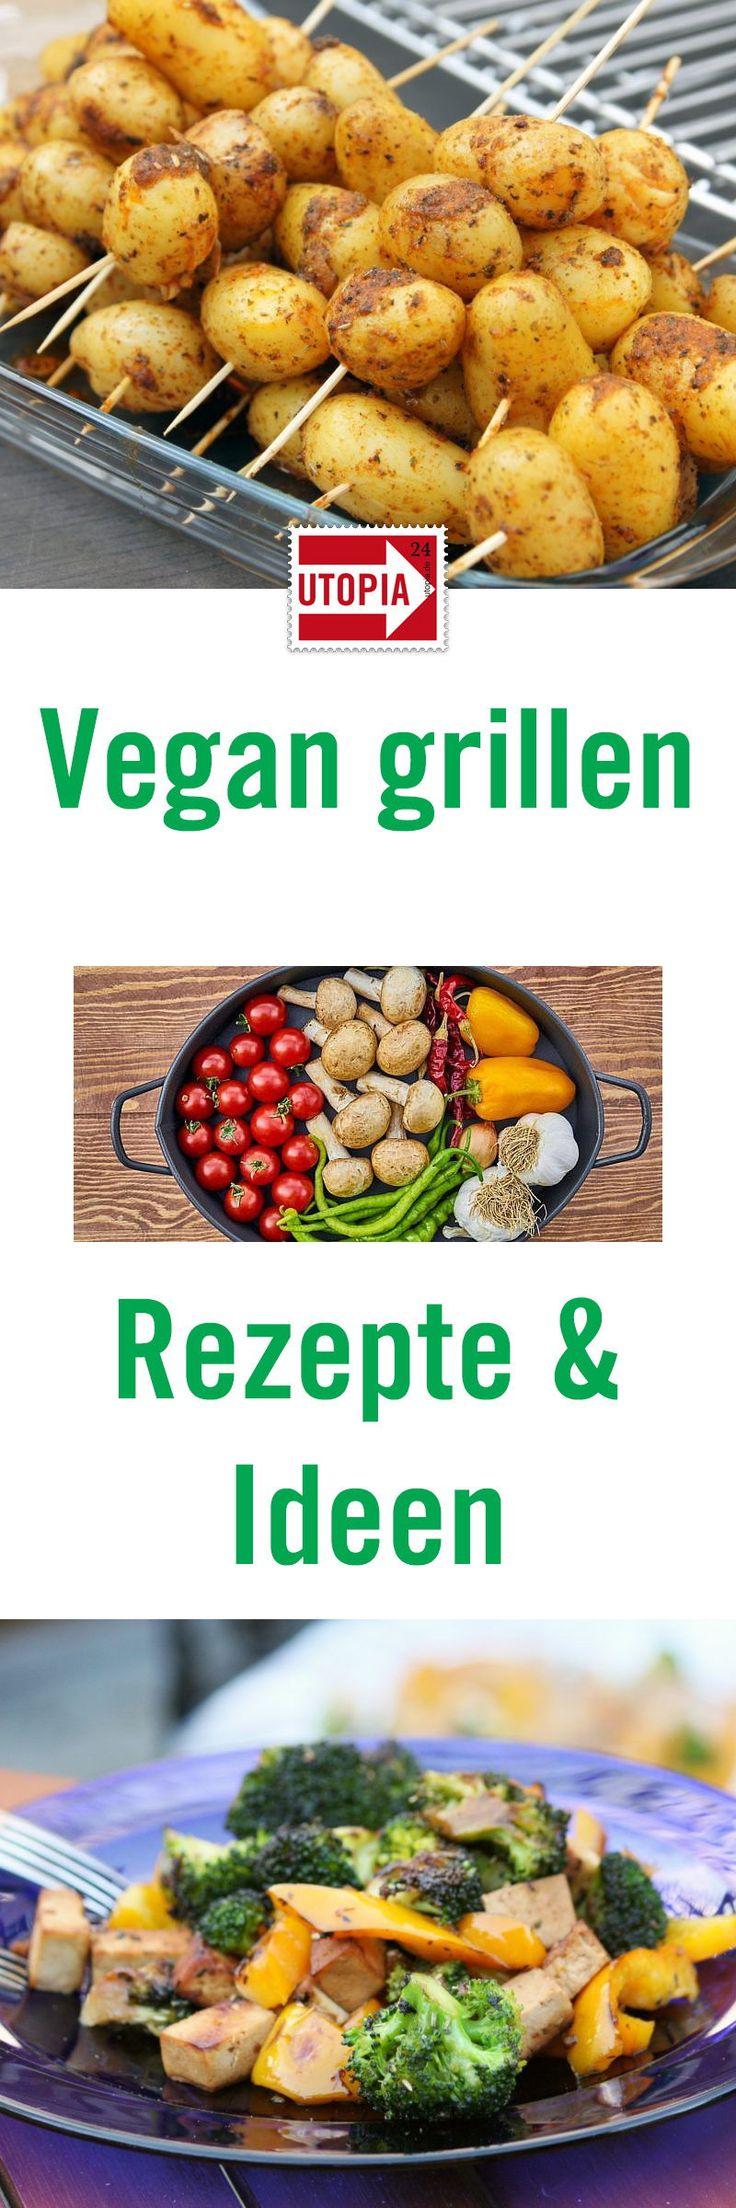 Vegan Grillen: Rezepte und Ideen für den veganen Grillabend